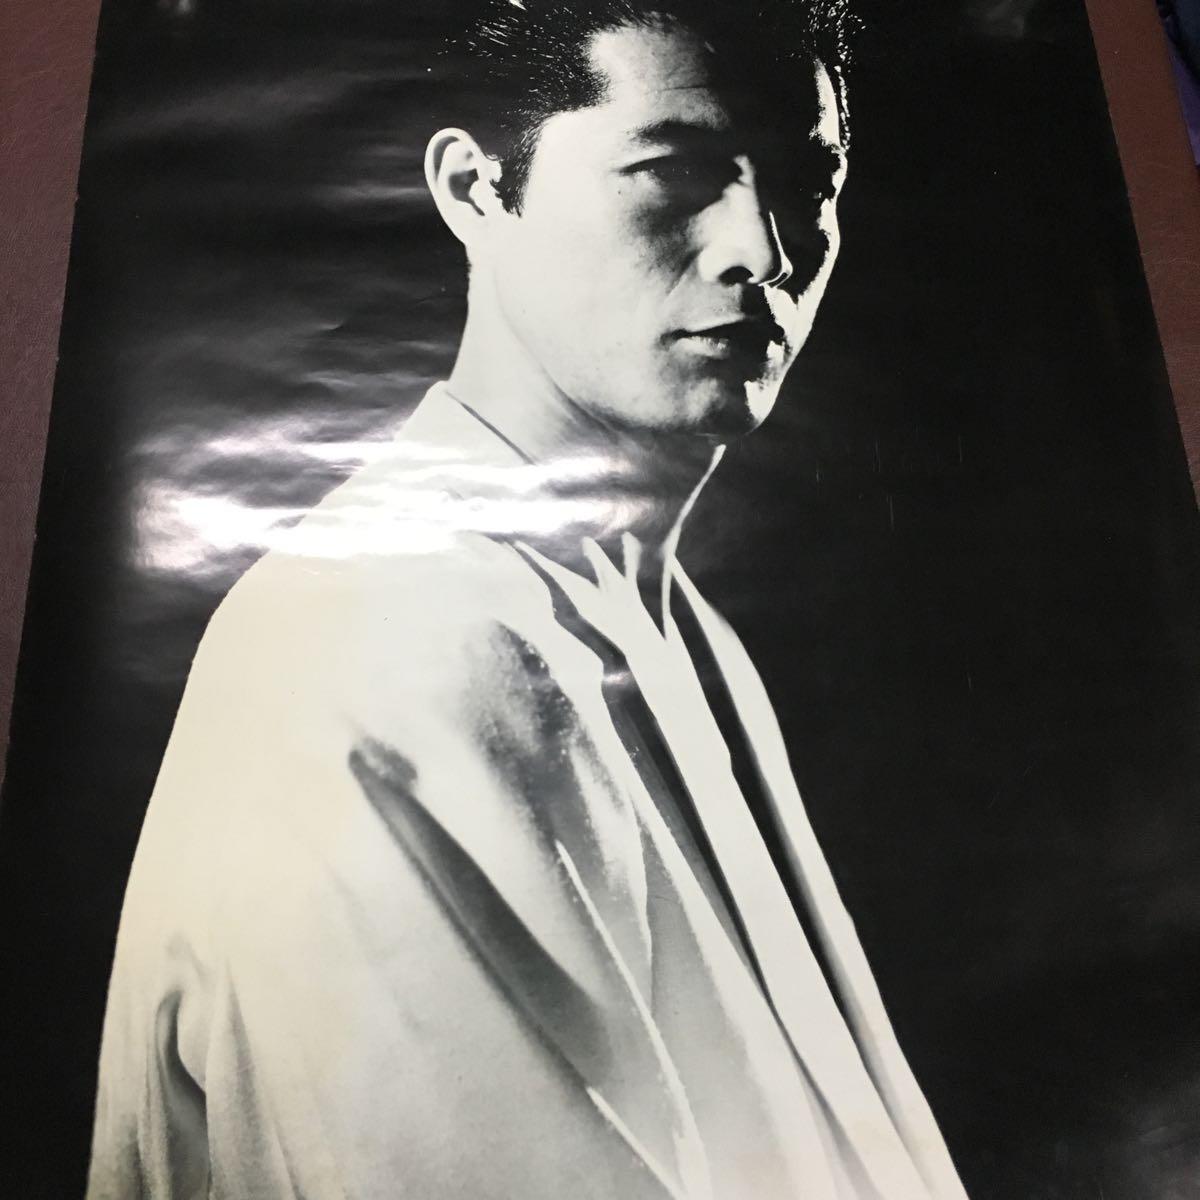 ★矢沢永吉 1980年 KAVACH( カバチ)アルバム特典ポスター 非売品